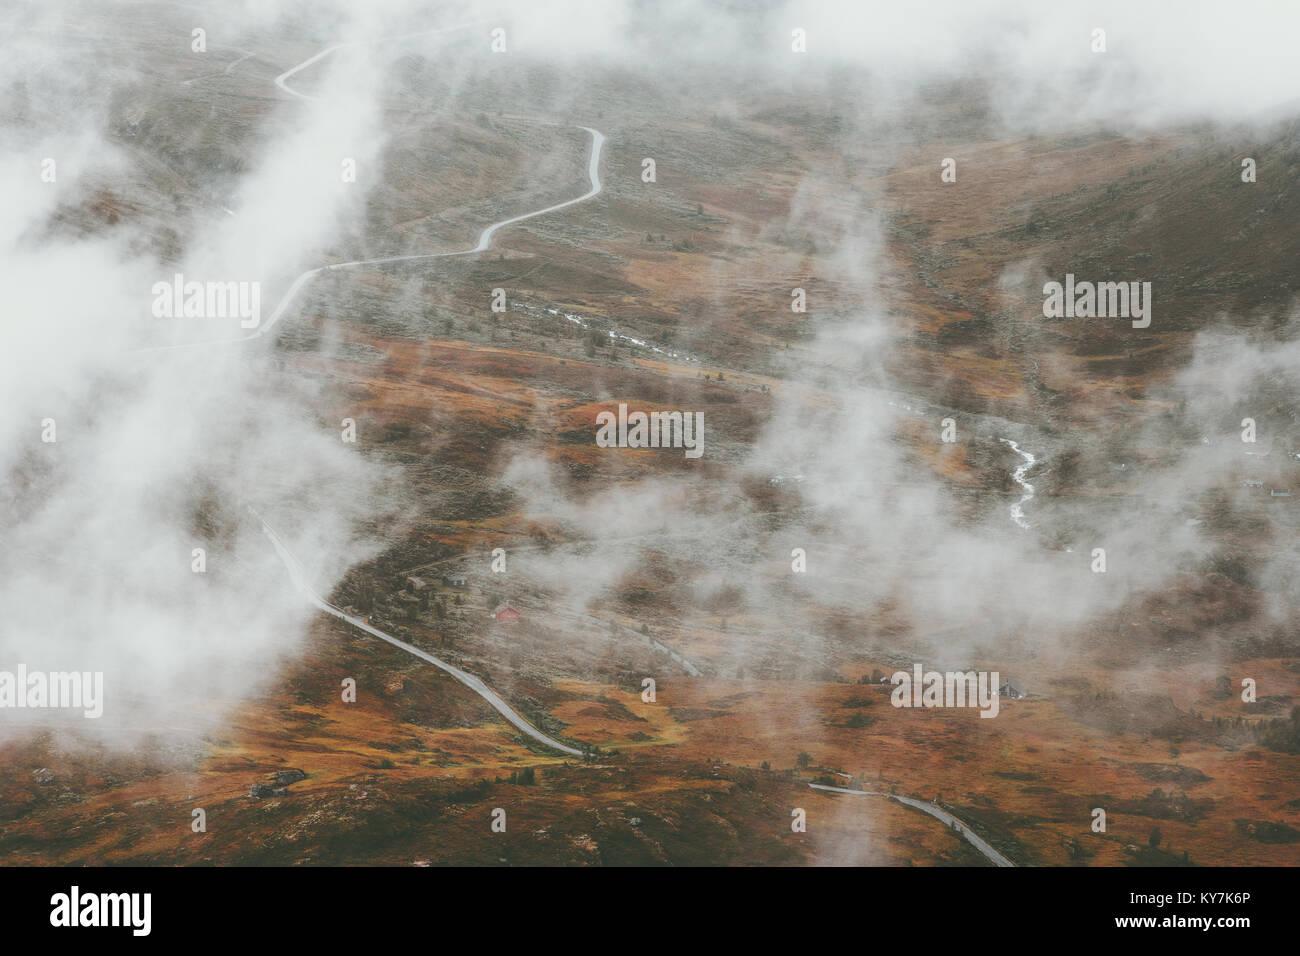 Les nuages brumeux des montagnes de la toundra et de la route paysage dans le parc national de Jotunheimen Norvège Photo Stock